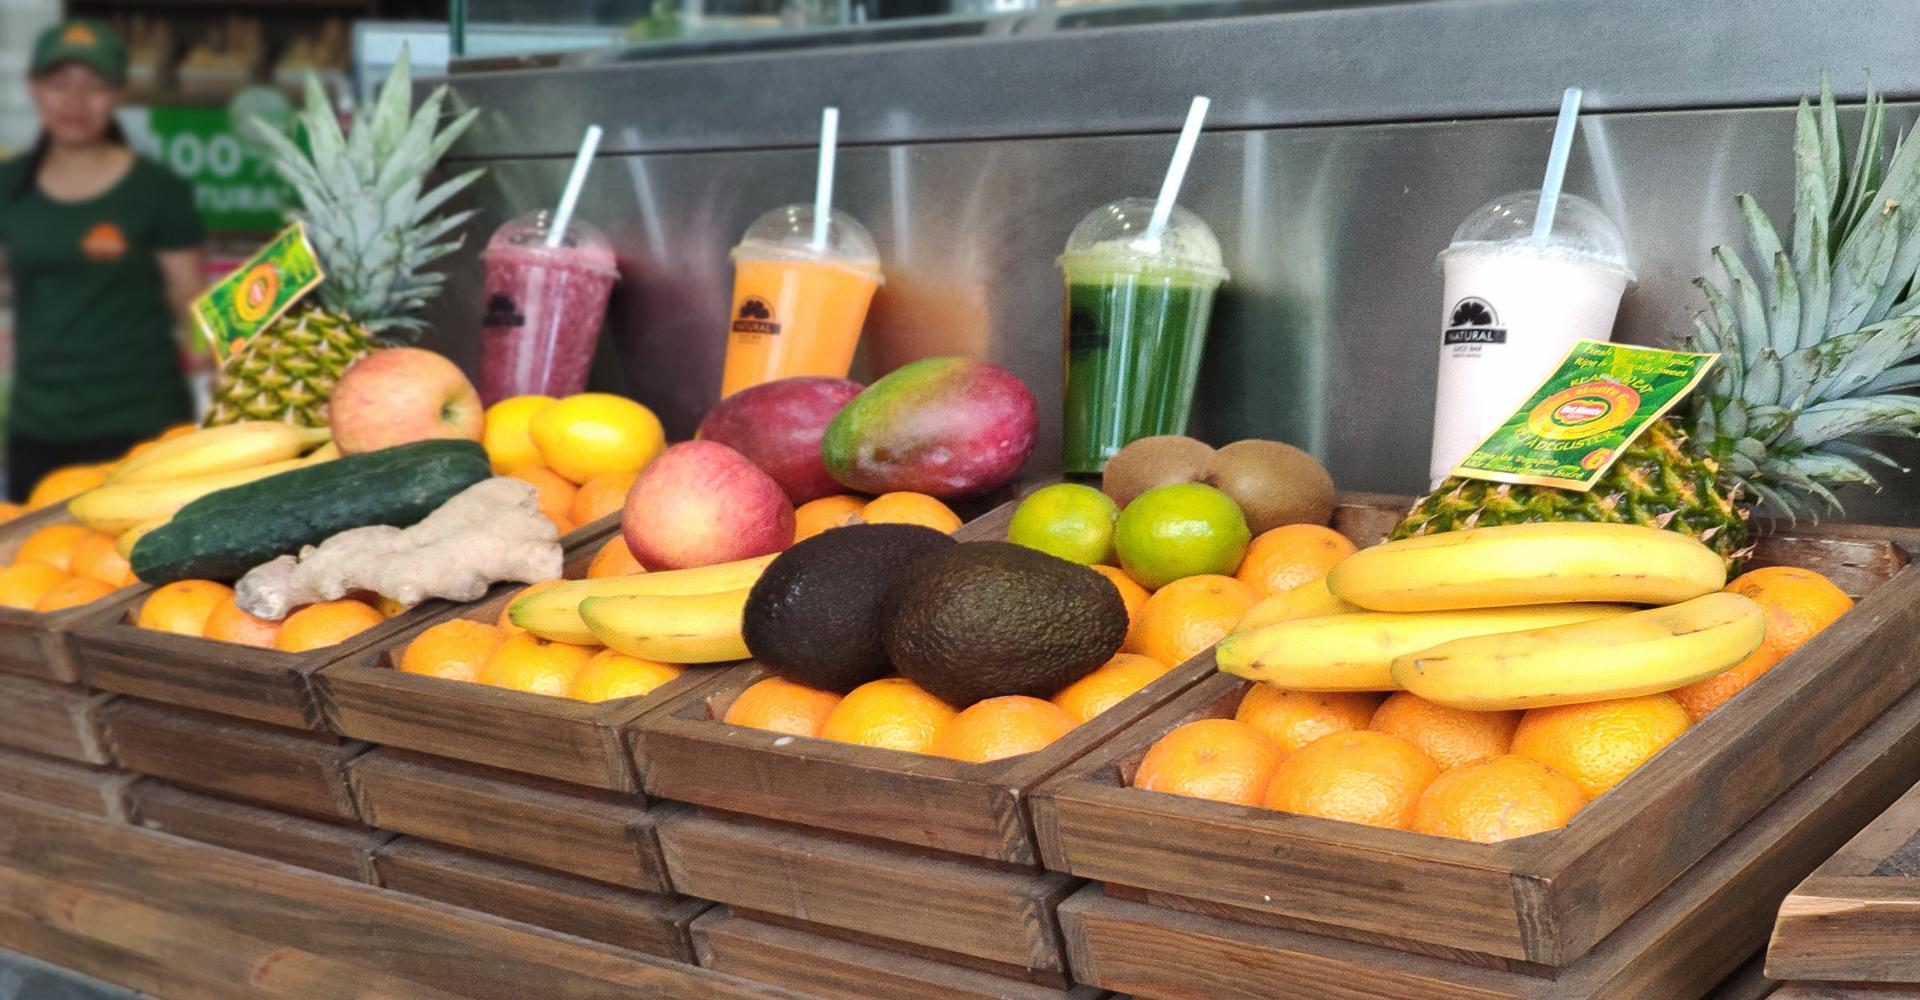 Slider 1 IMG - Fruit counter